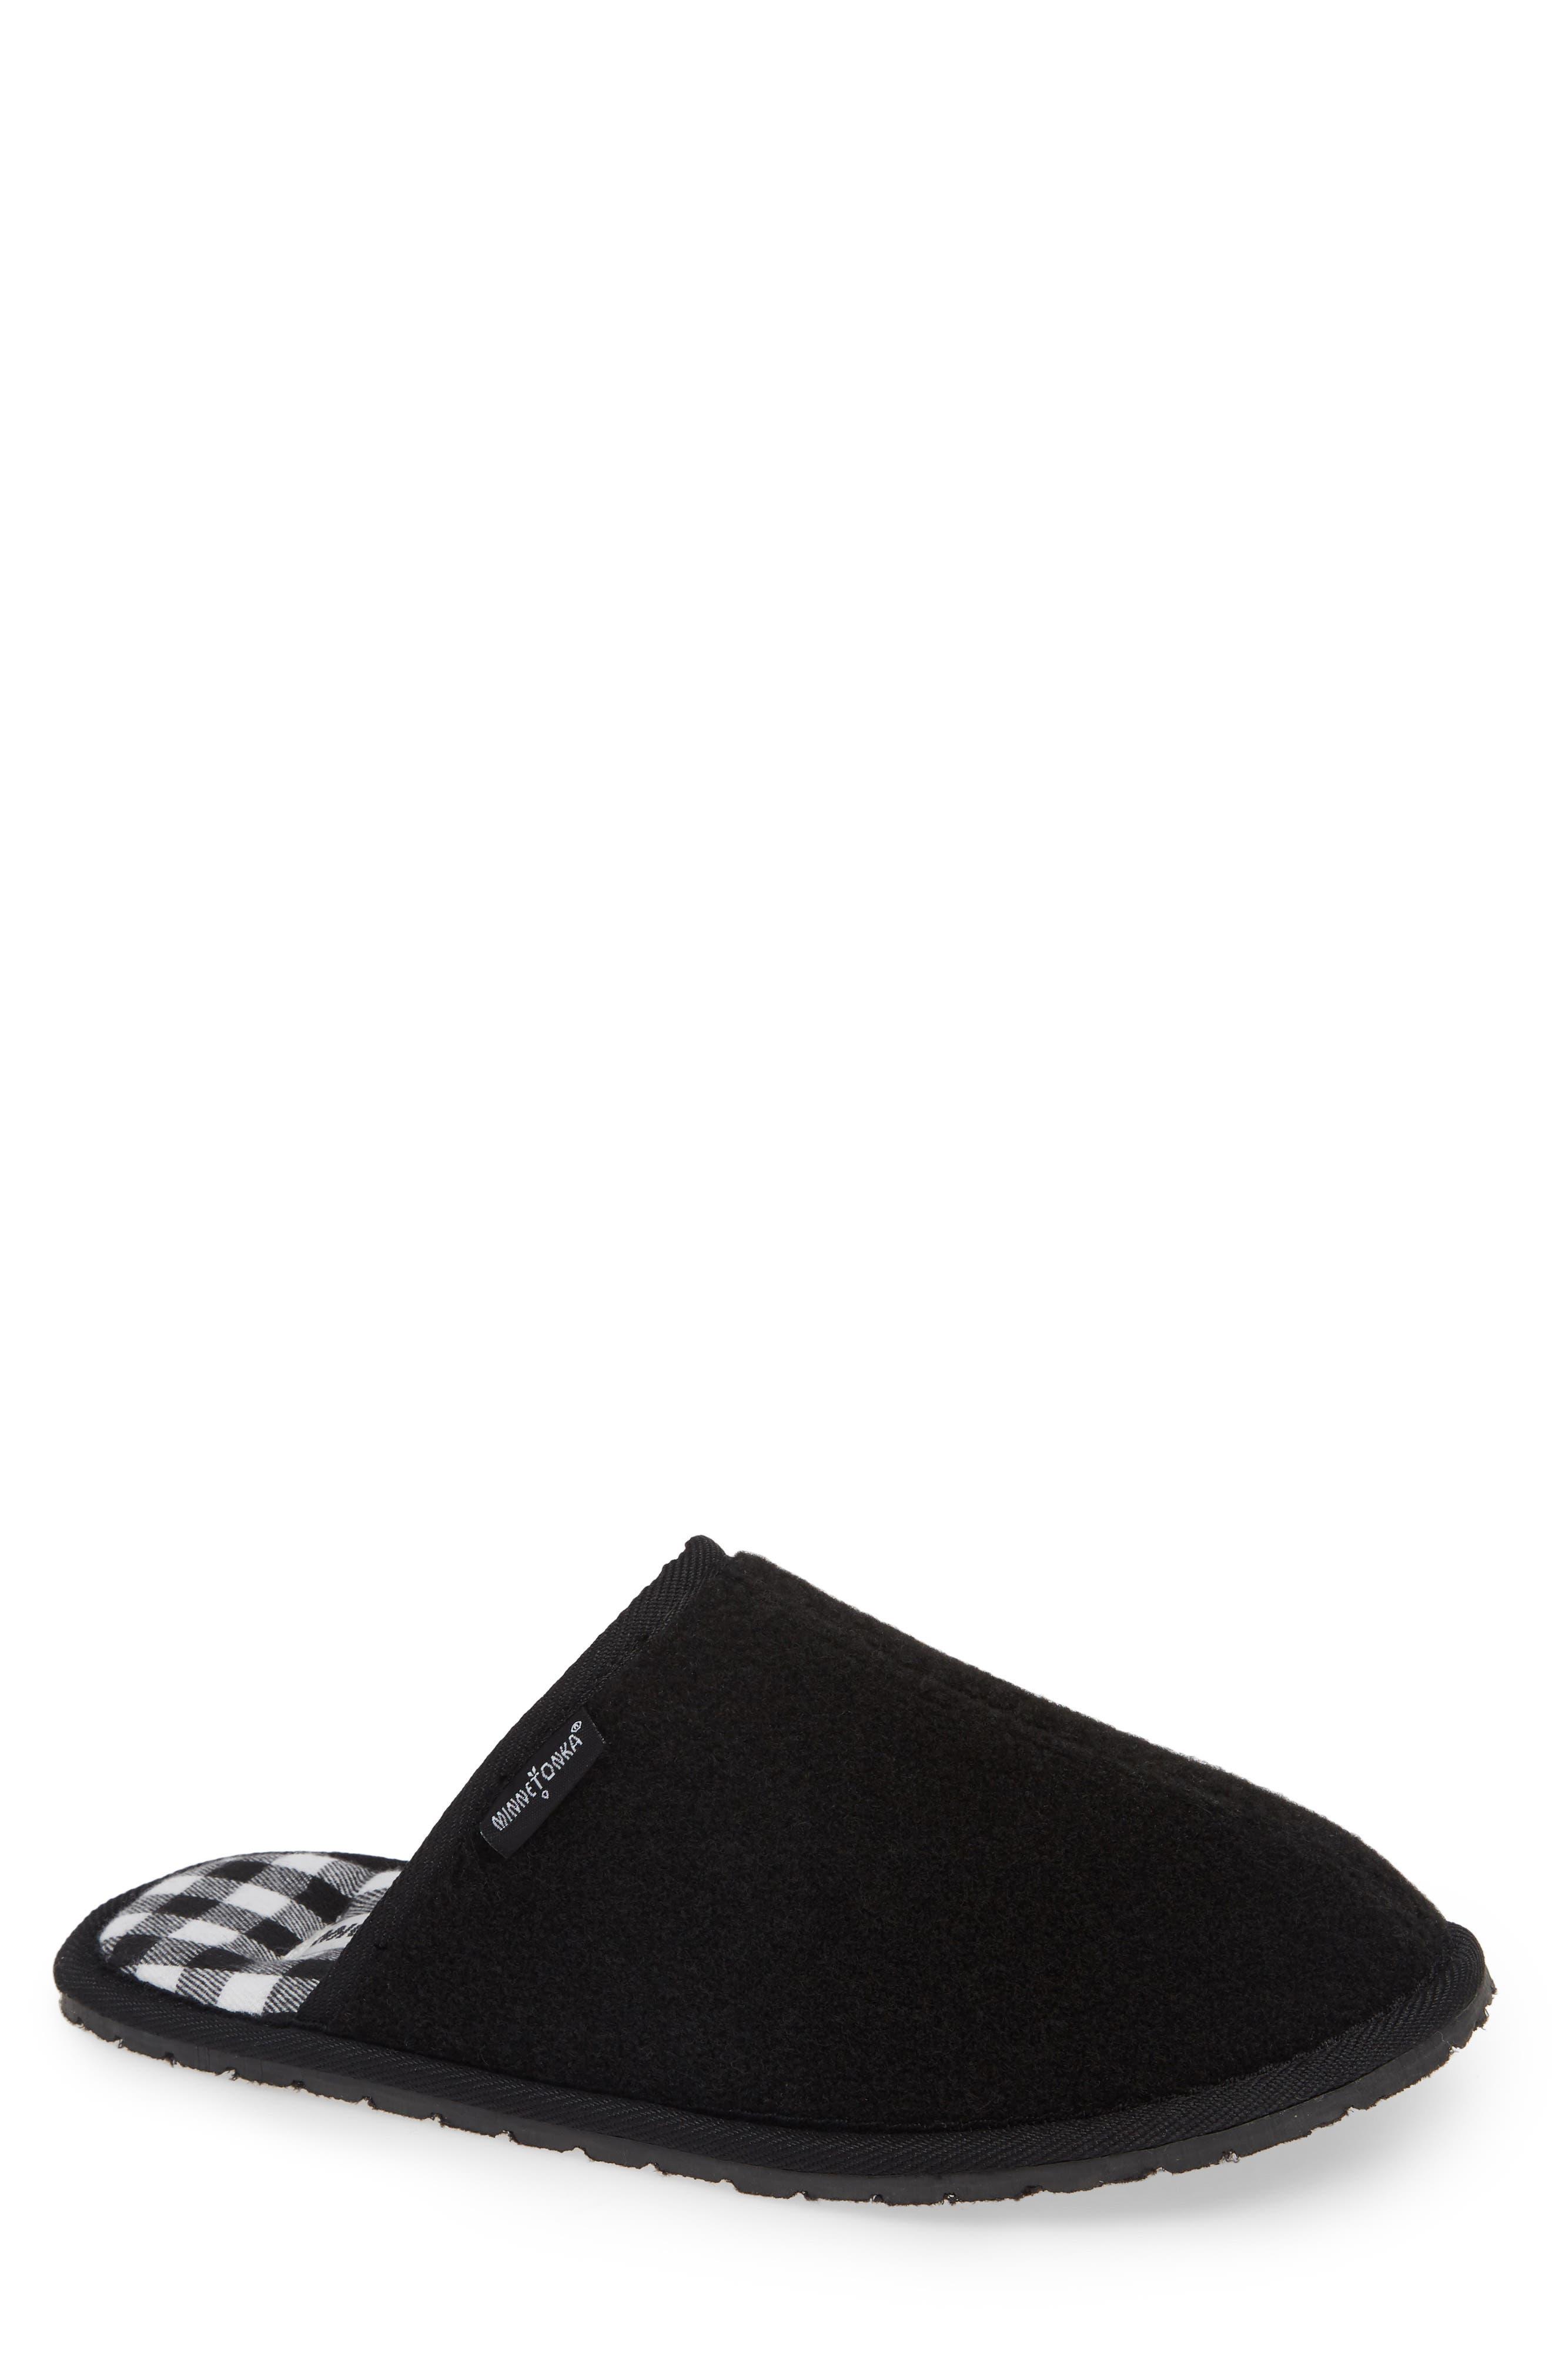 Franklin Scuff Slipper,                         Main,                         color, BLACK PLAID